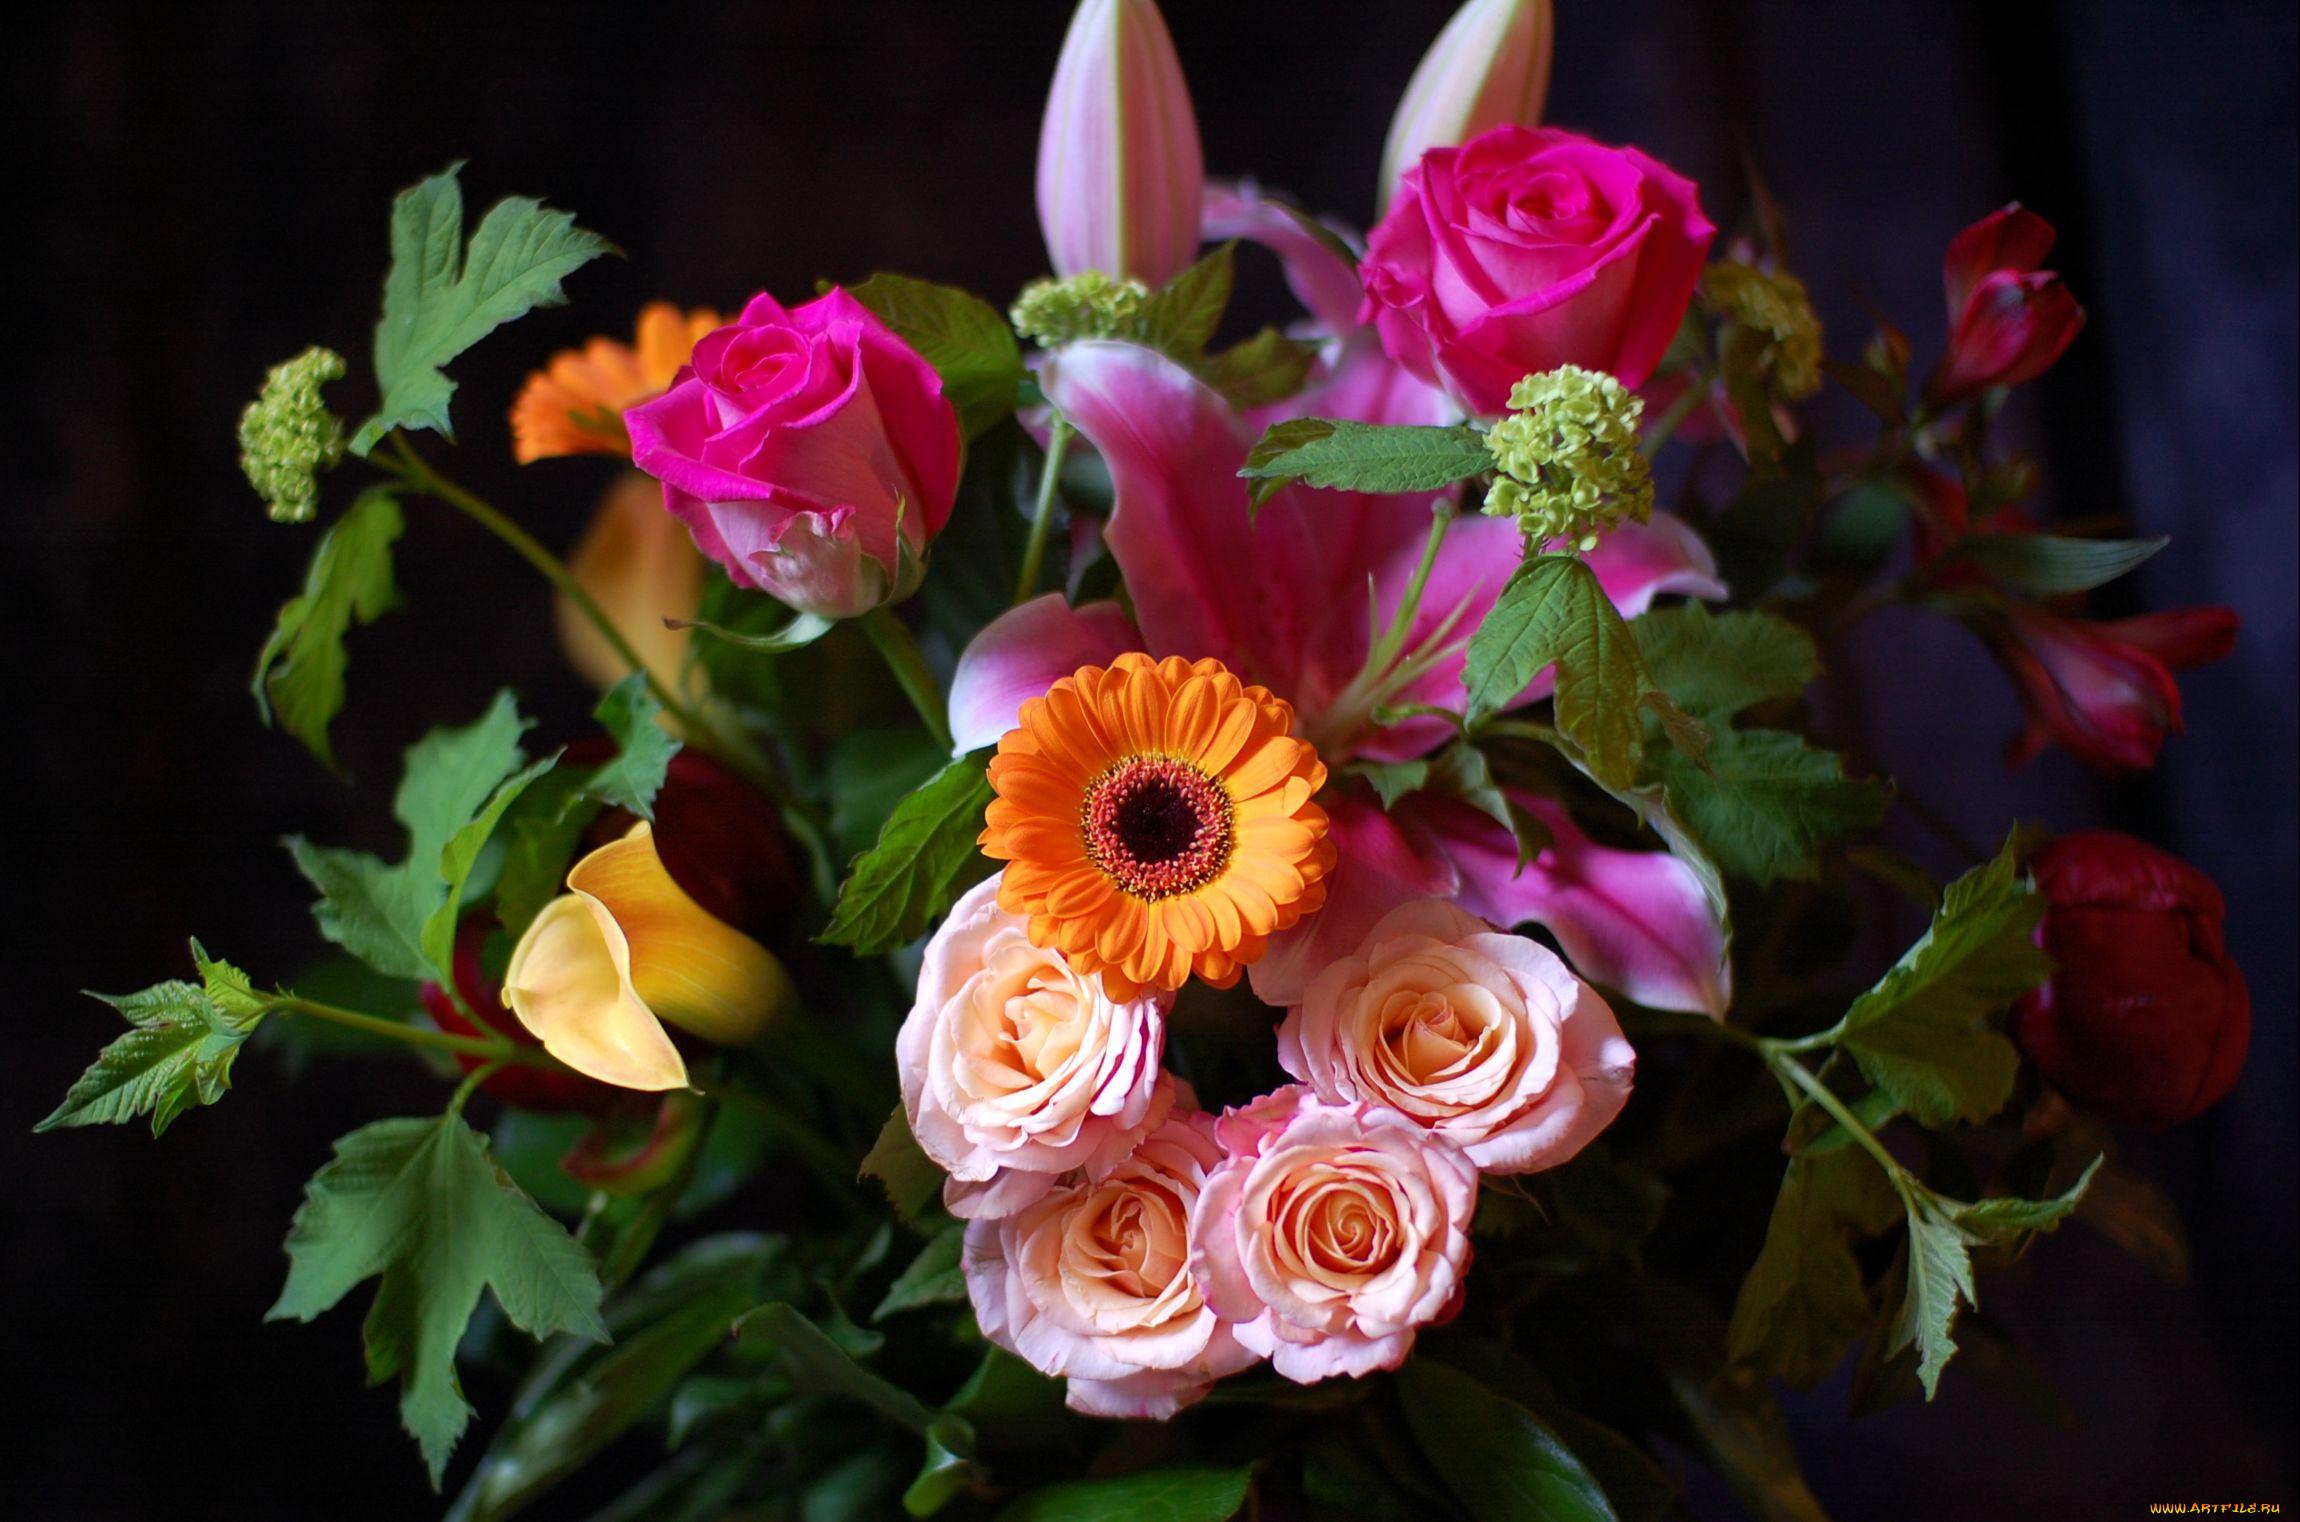 букет цветов фото домашний фон фотографии после